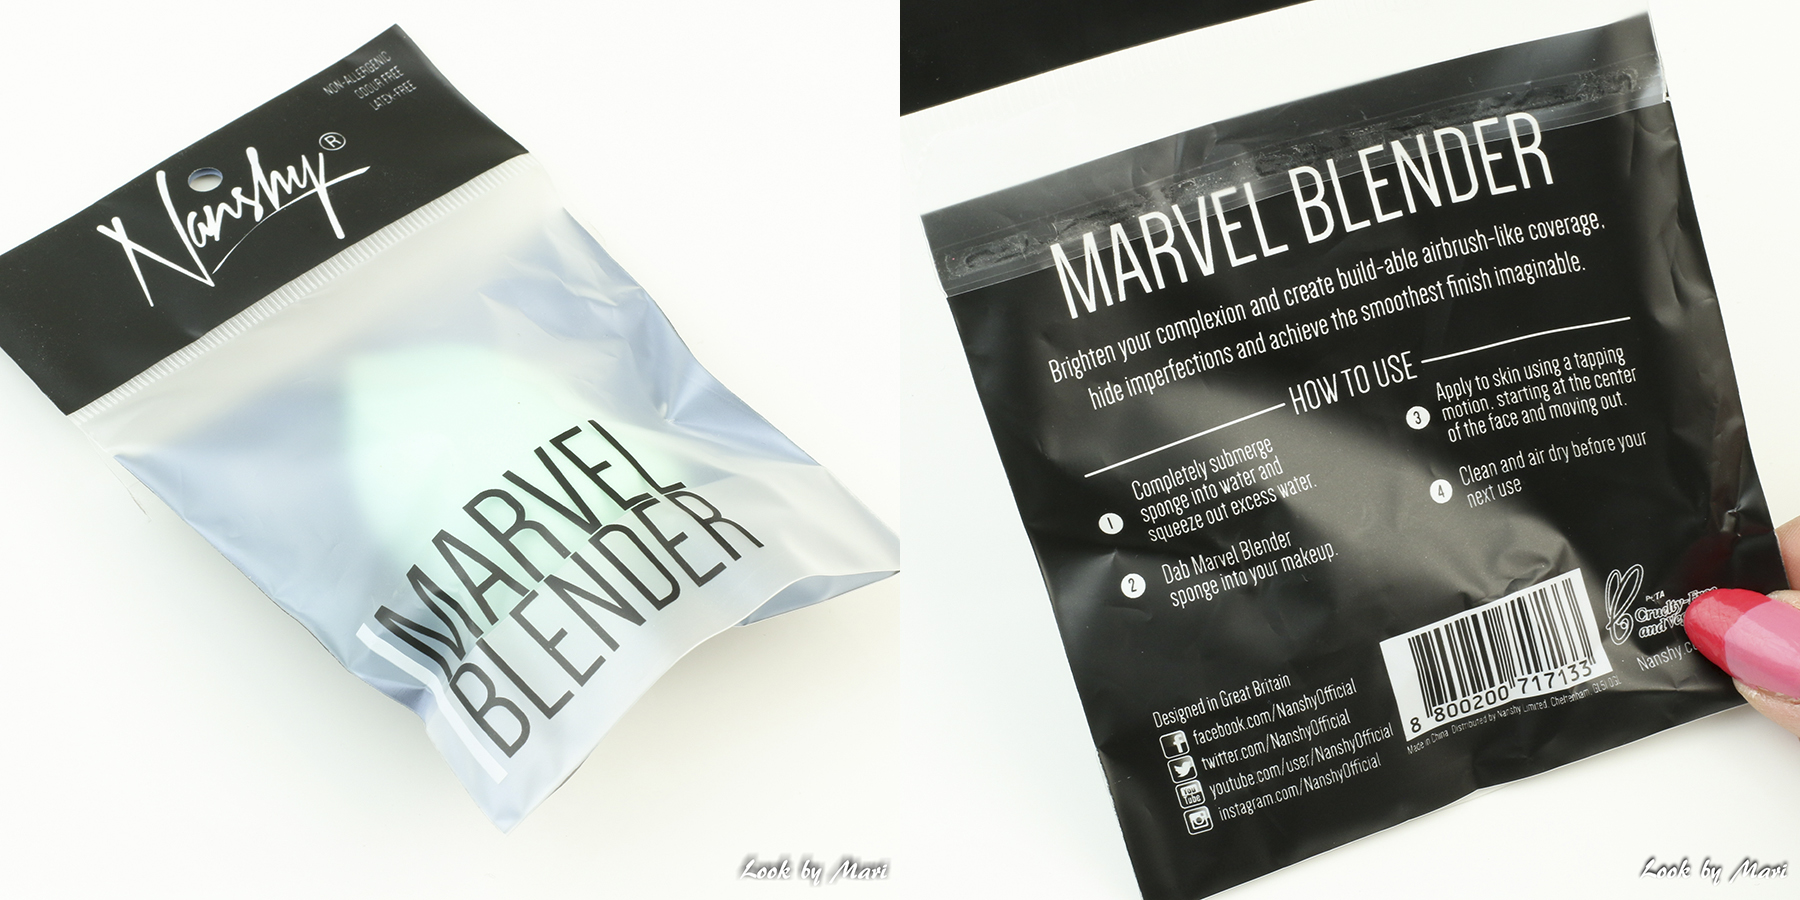 4 nanshy marvel blender sponge review kokemuksia käyttö kuinka käyttää meikkisienen käyttö how to use review